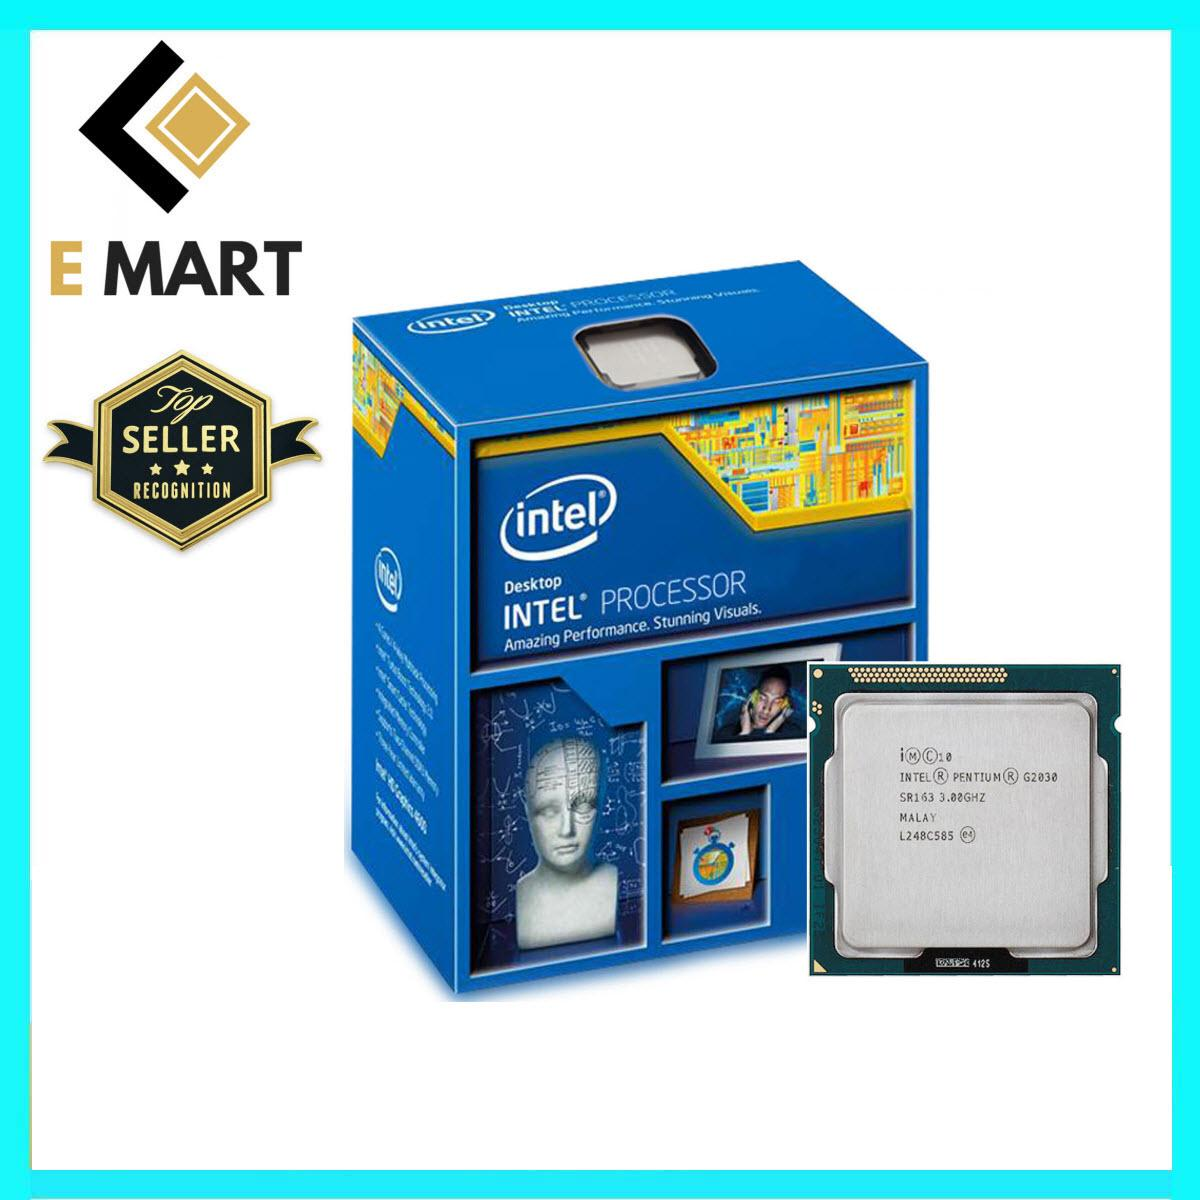 Bộ vi xử lý Intel CPU Celeron G1850 (2 lõi - 2 Luồng) Chất Lượng Tốt - Hàng Nhập Khẩu